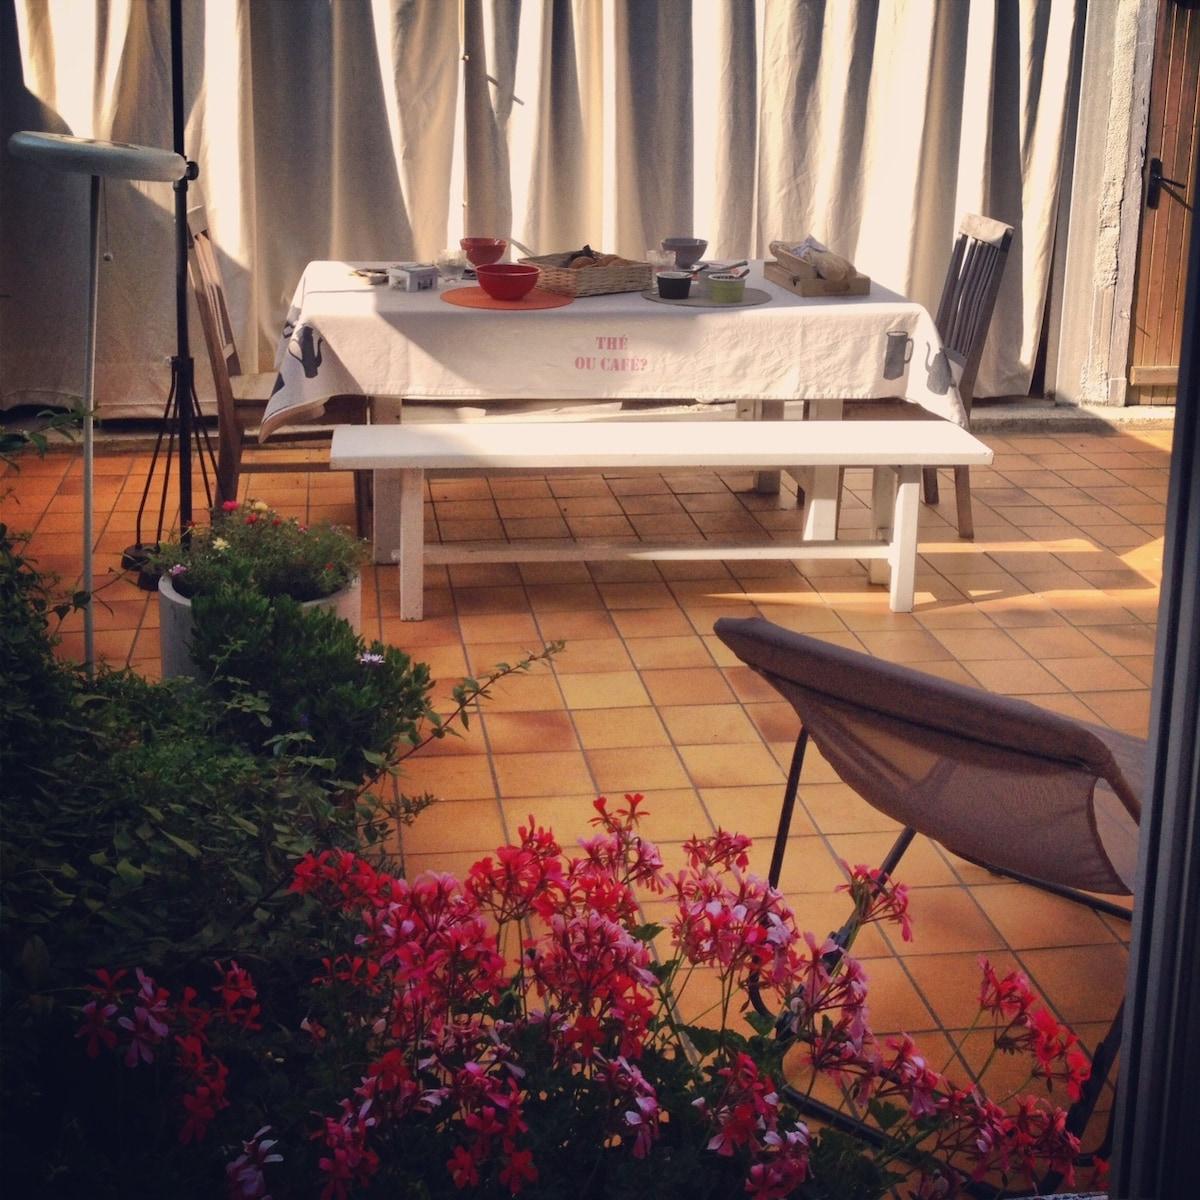 Cour-jardin agréable où  se reposer un moment, éventuellement prendre un repas